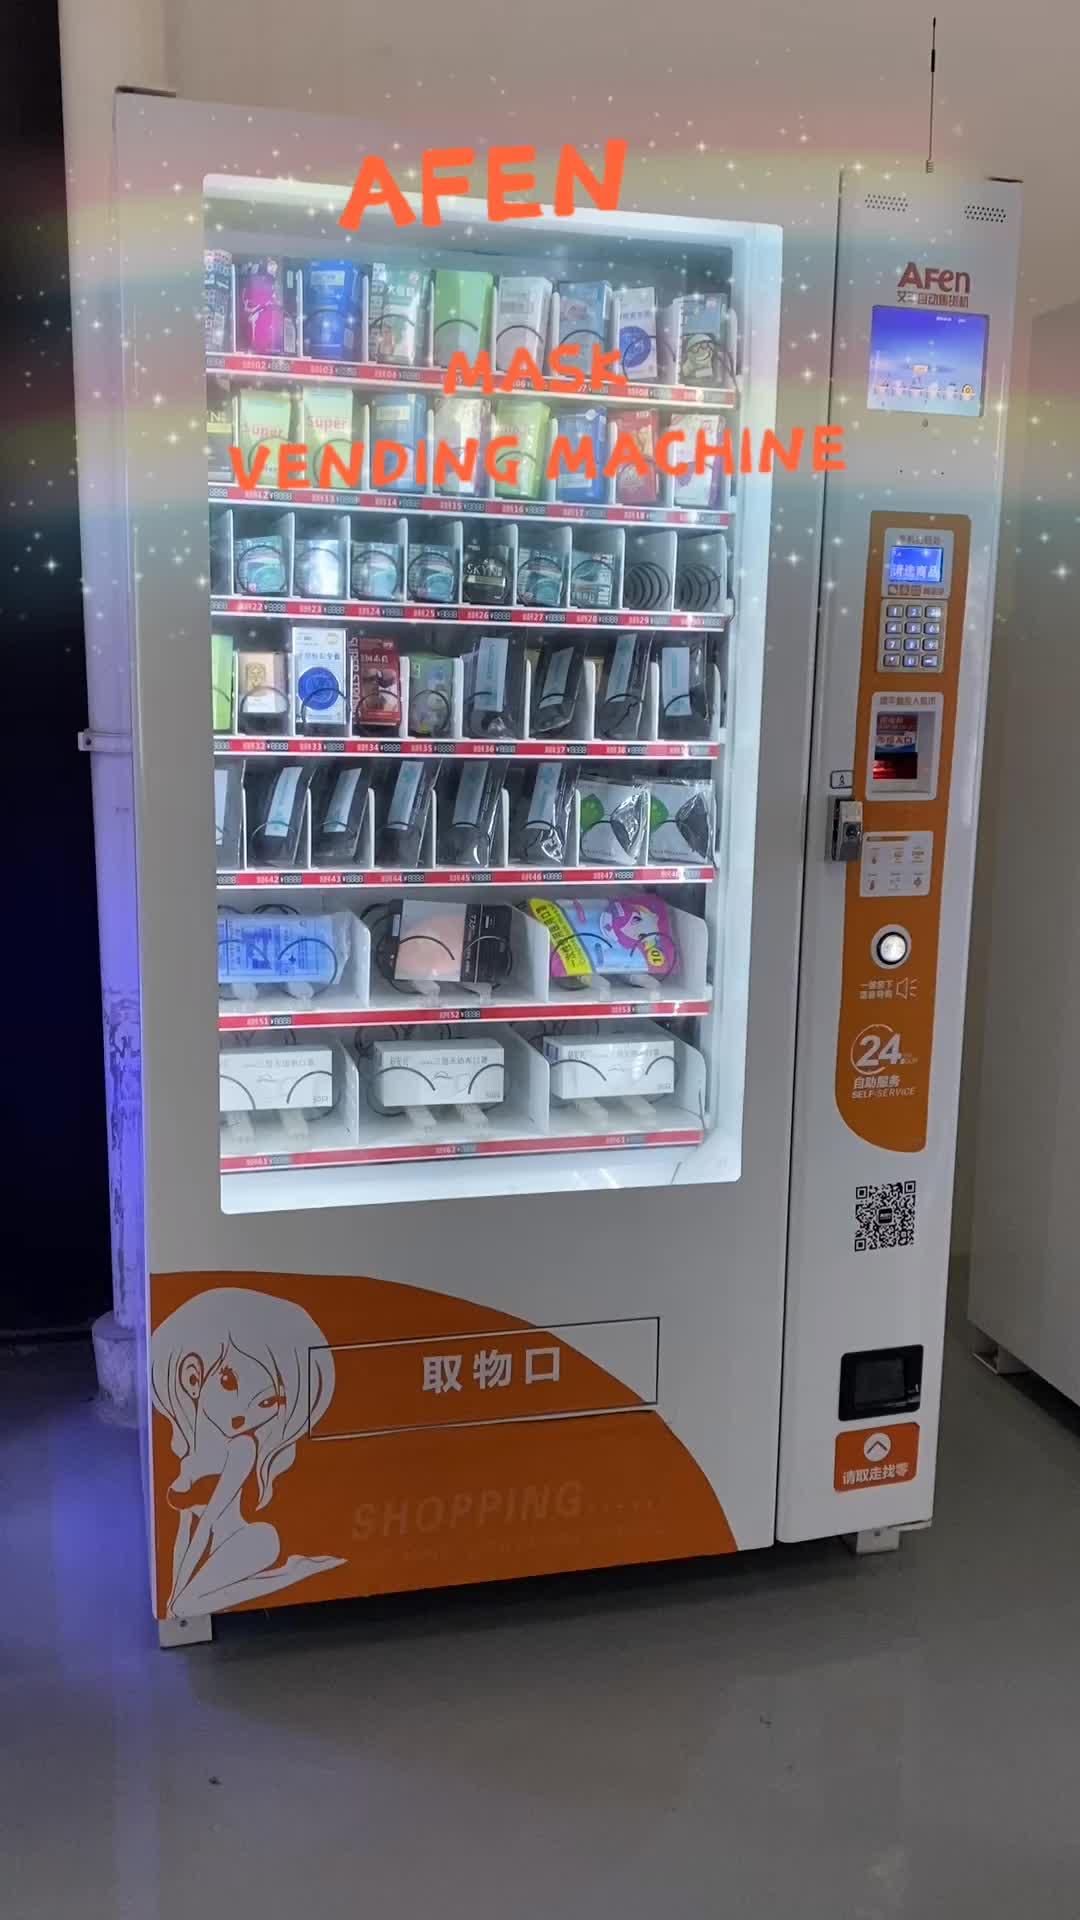 Luvas e máscara AFEN varejo tomada de máquina de venda automática com leitor de cartão